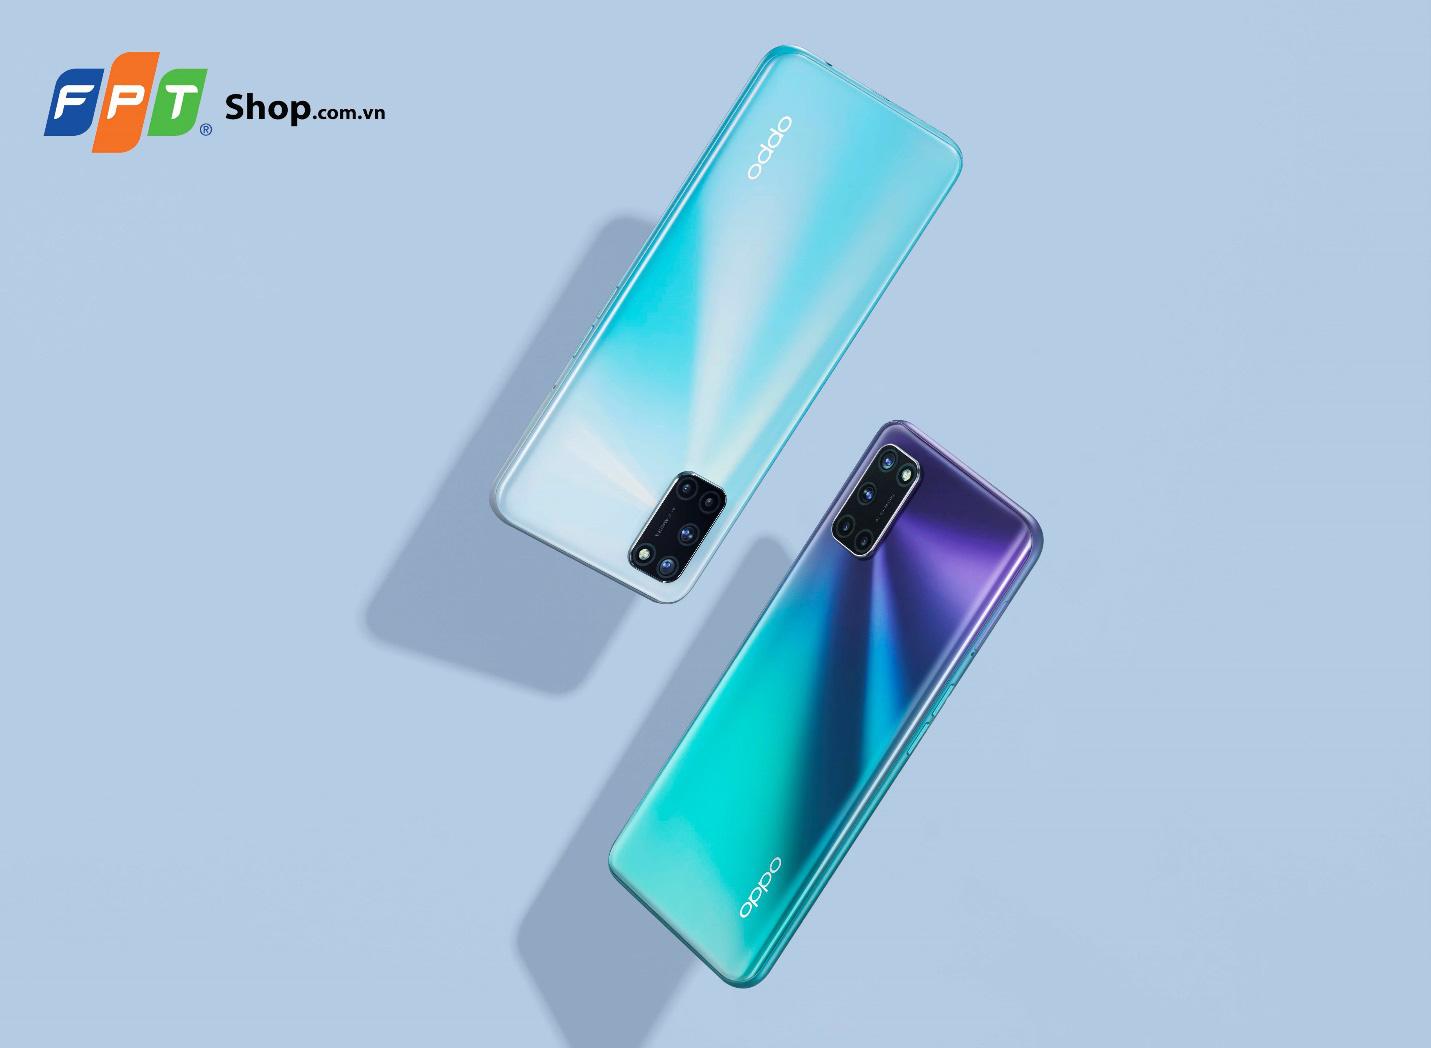 Bộ 3 smartphone OPPO A92, A31 và A12 đang giảm sốc đến 500.000 đồng tại FPT Shop - Ảnh 1.